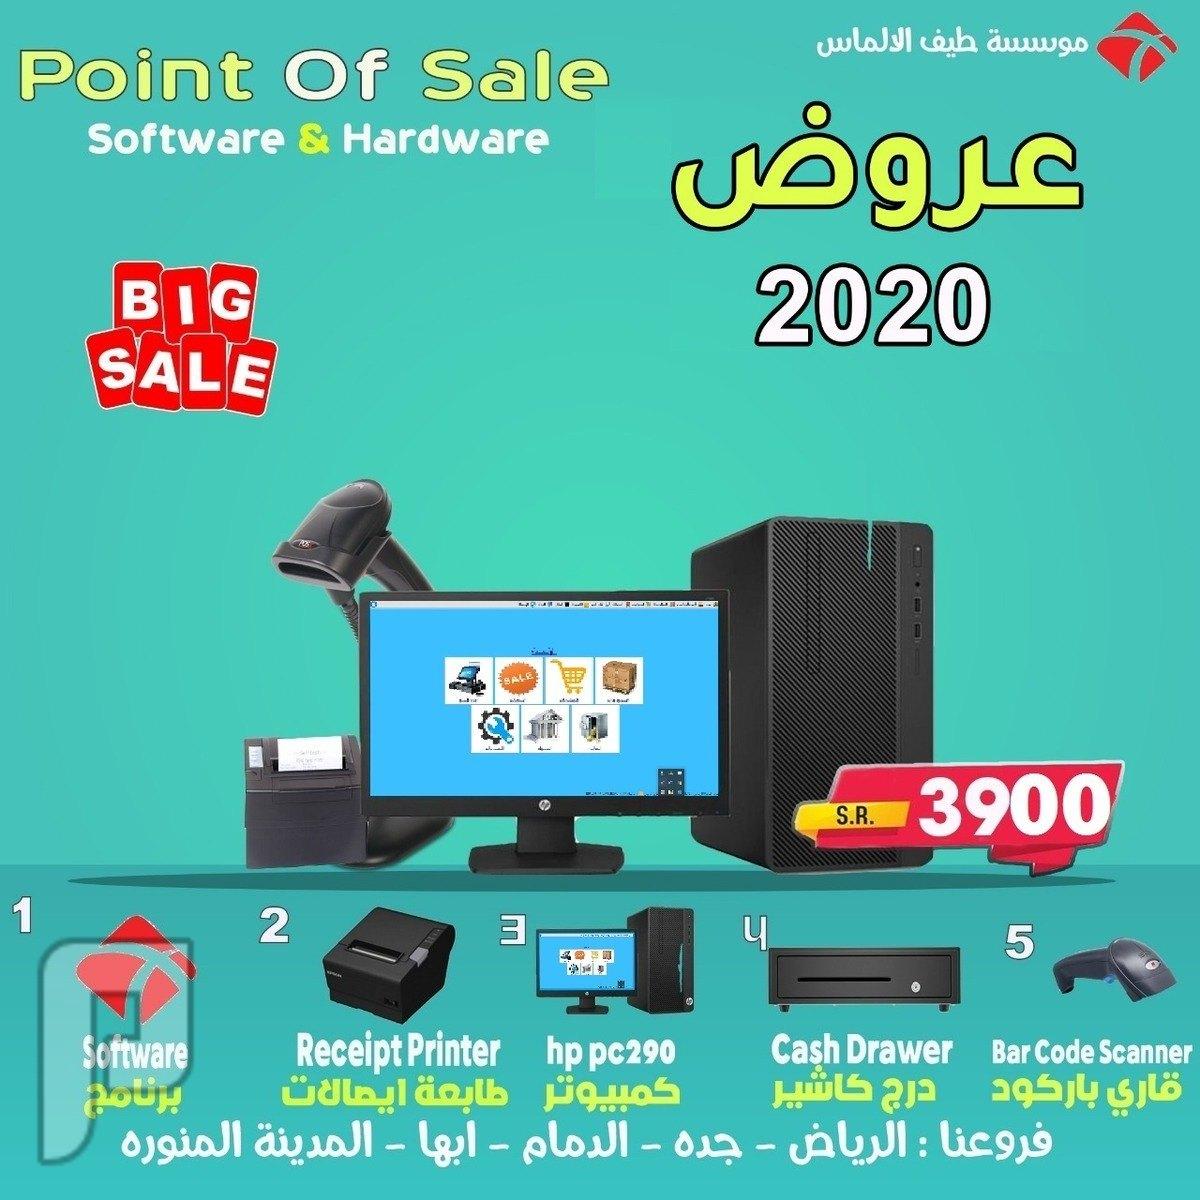 جهاز كاشير كامل نقطه بيع للبيع جديد